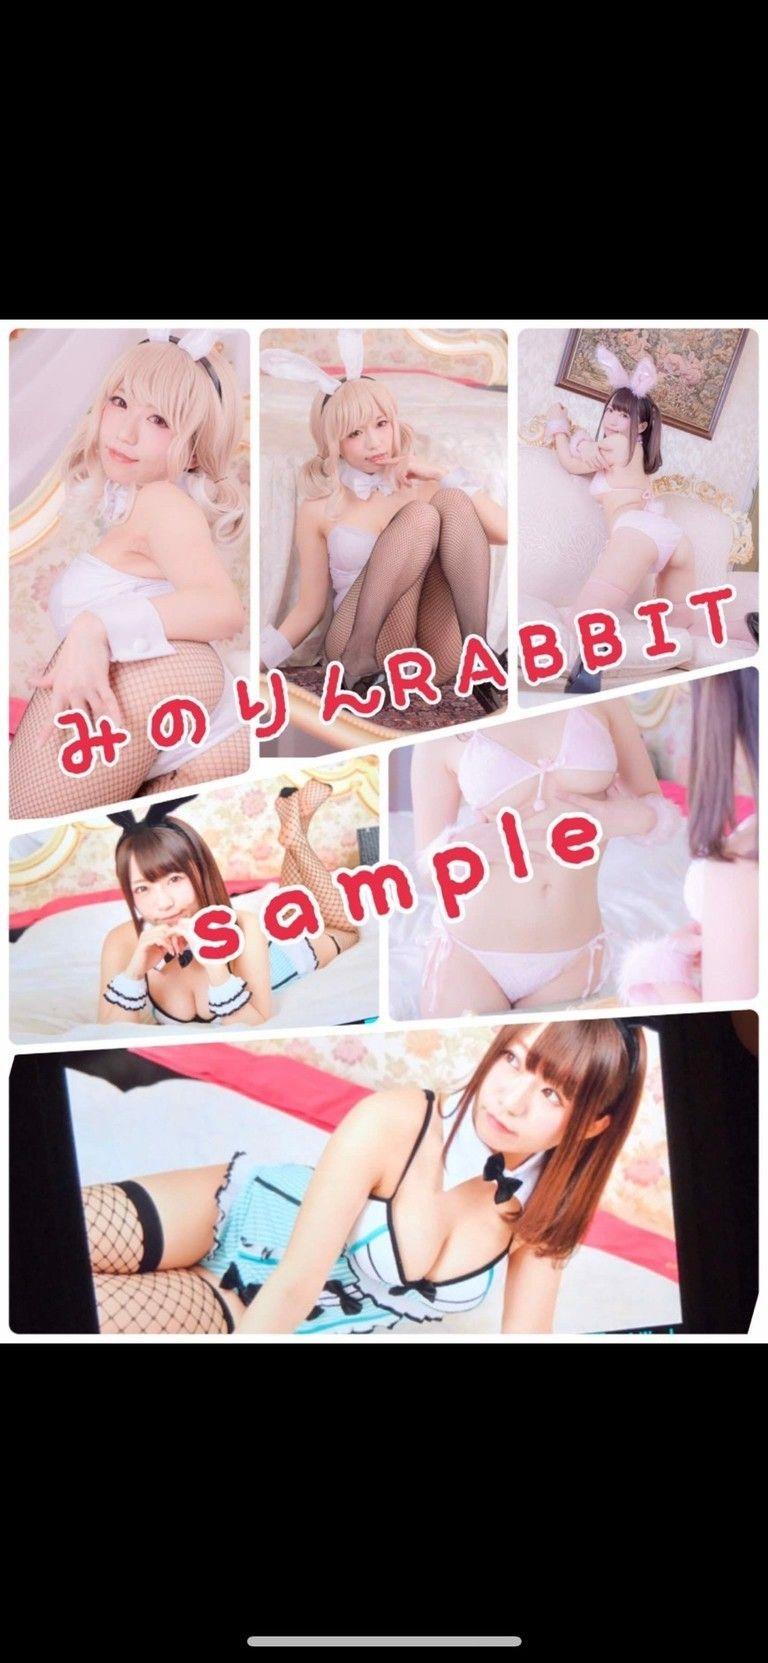 【DL】みのりんRABBIT